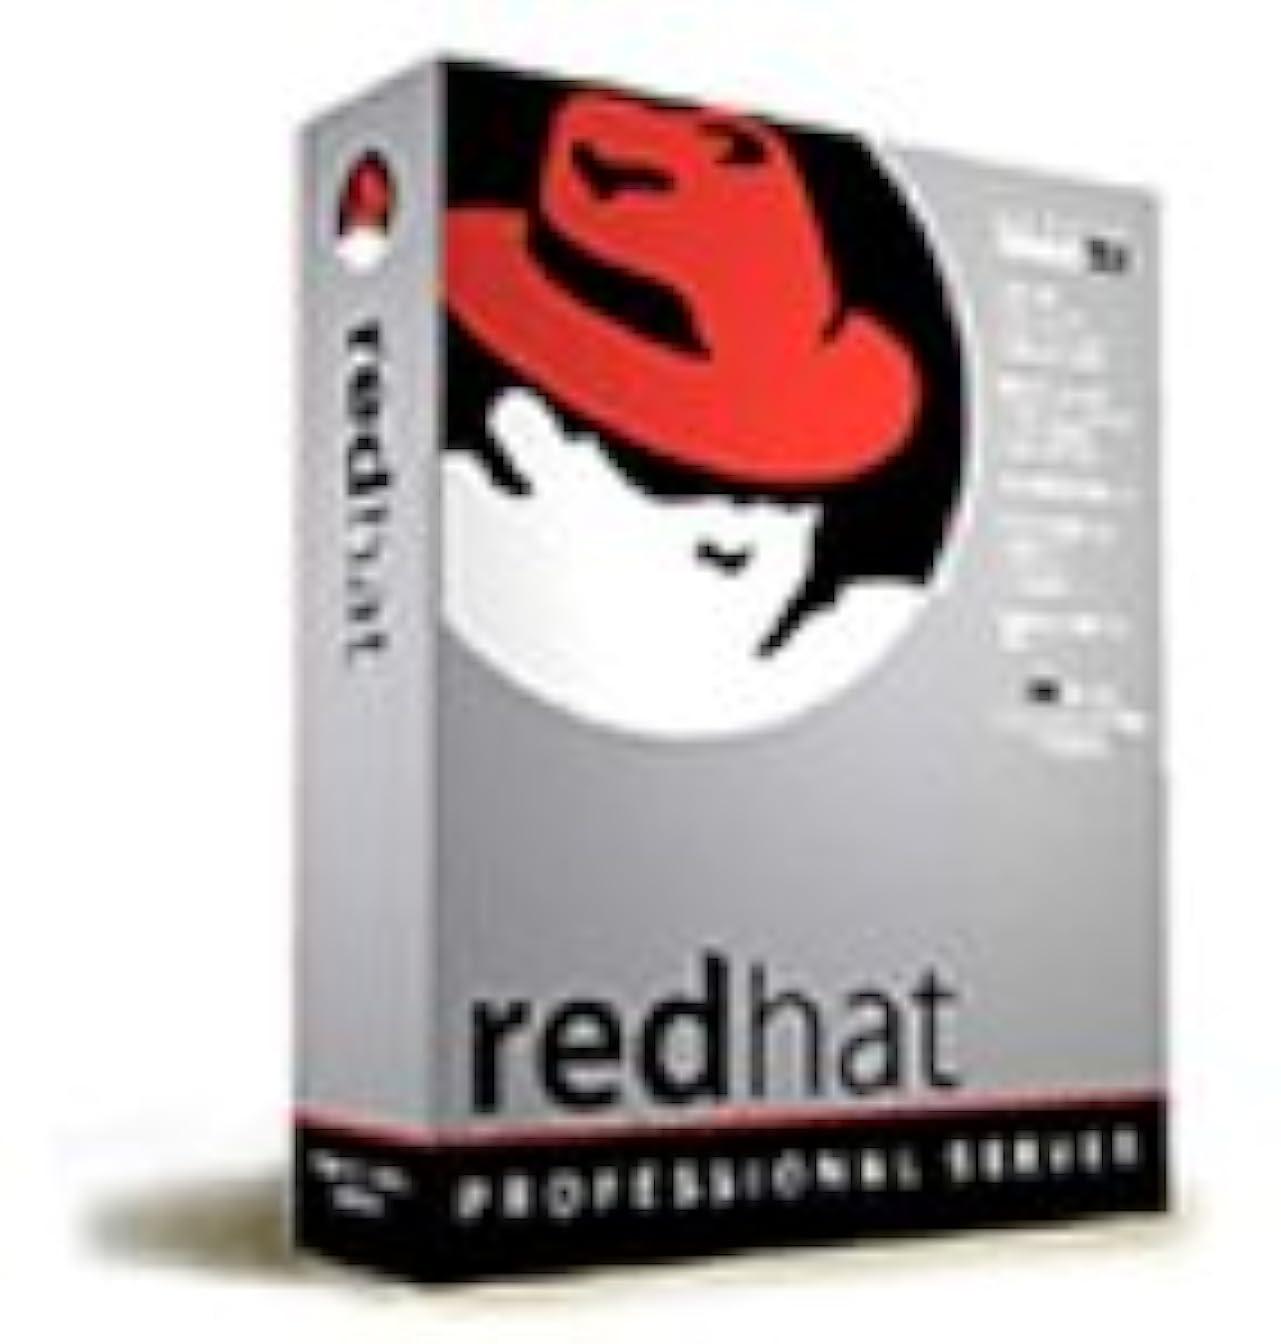 弱点はねかける攻撃official RedHat Linux 7.1 Professional